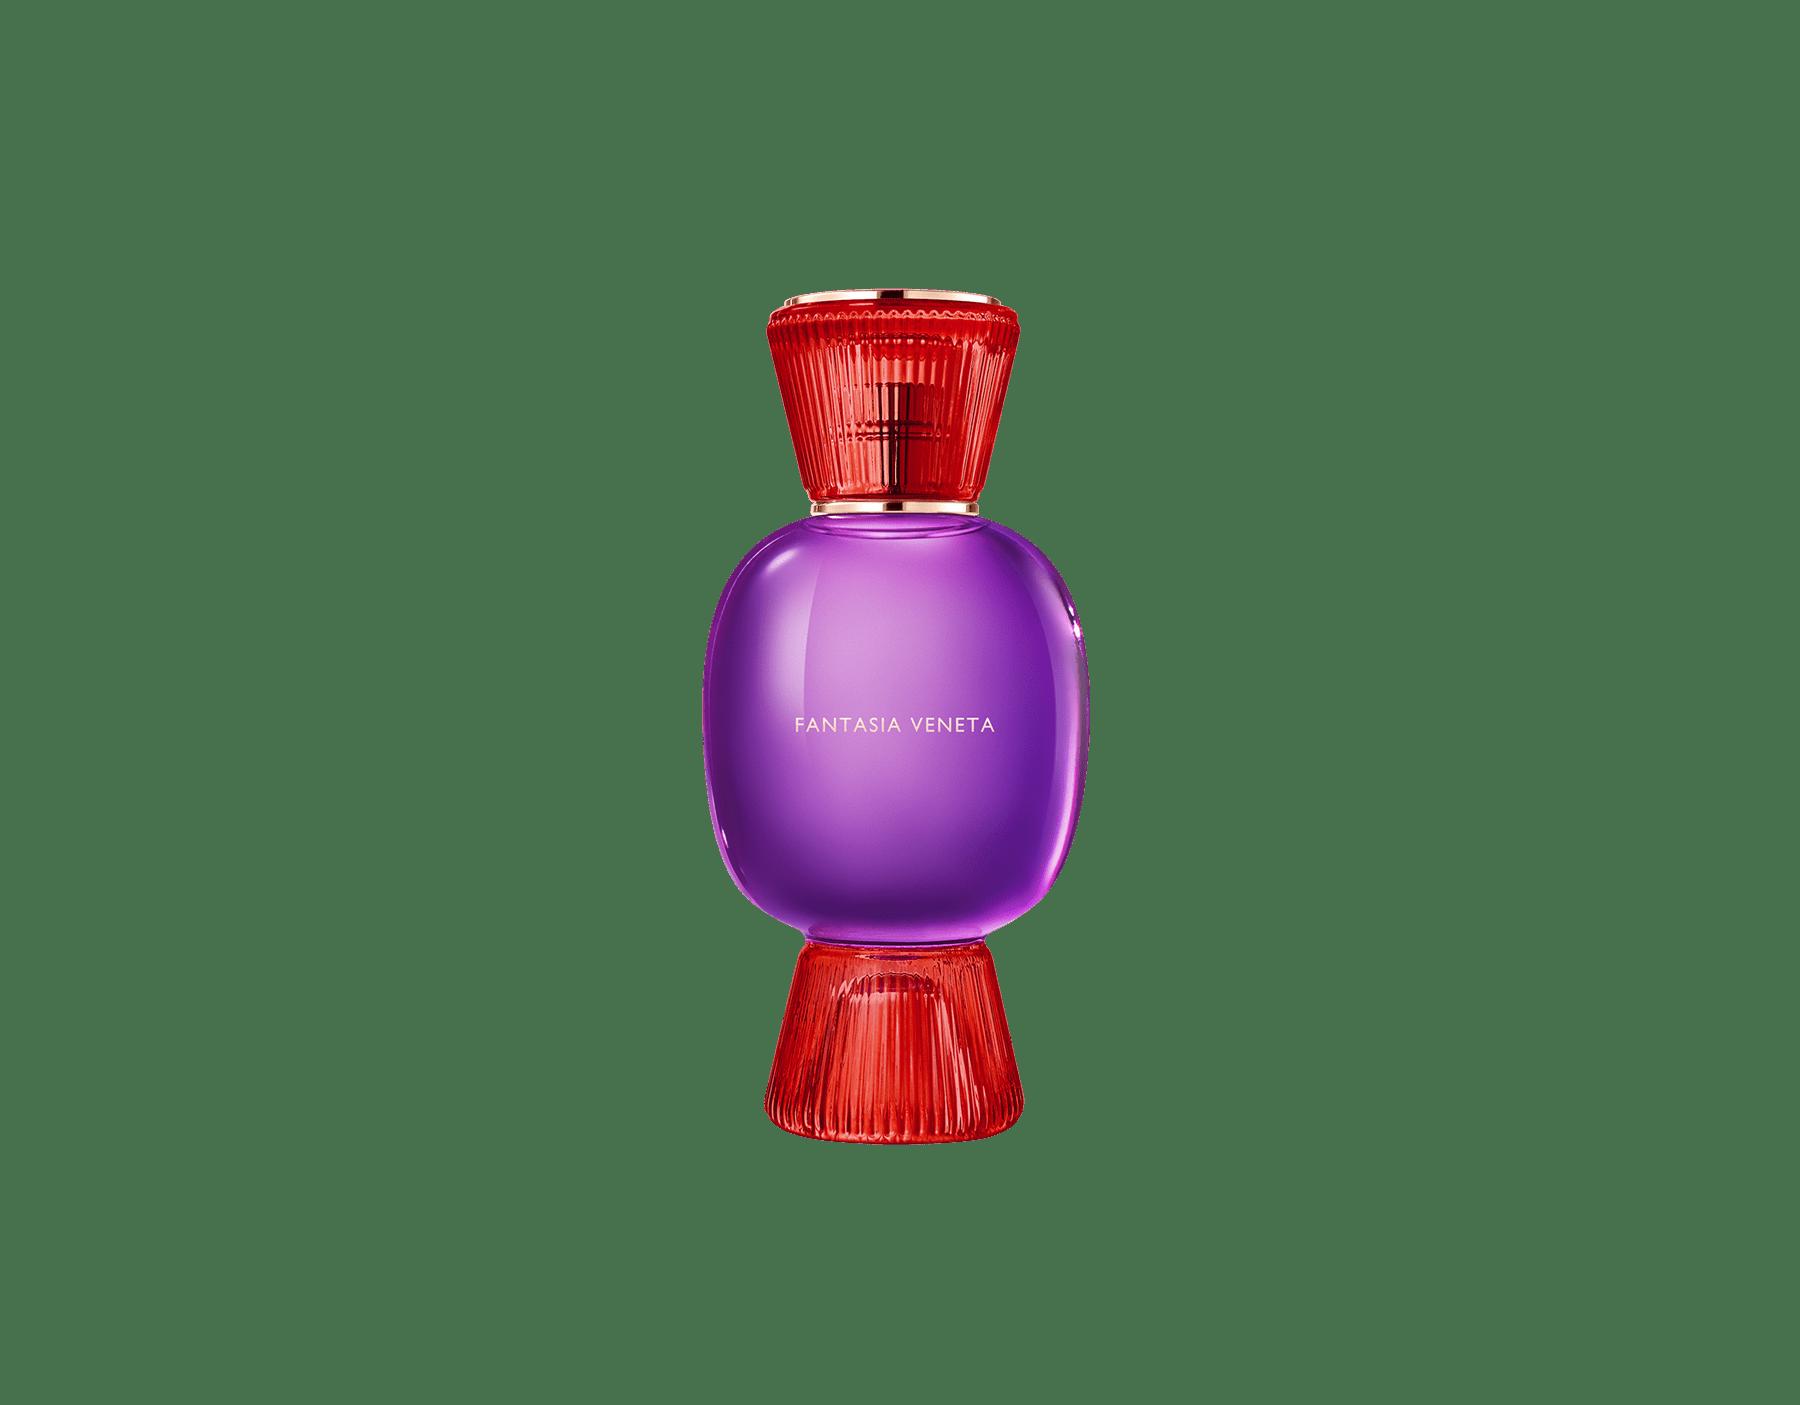 「義大利優雅情懷全都容納在這一瓶香水裡。」<br>——調香大師賈克‧卡瓦利耶<br>充滿喜樂的柑苔調香水,體現義大利節日的歡樂欣喜。 41243 image 1